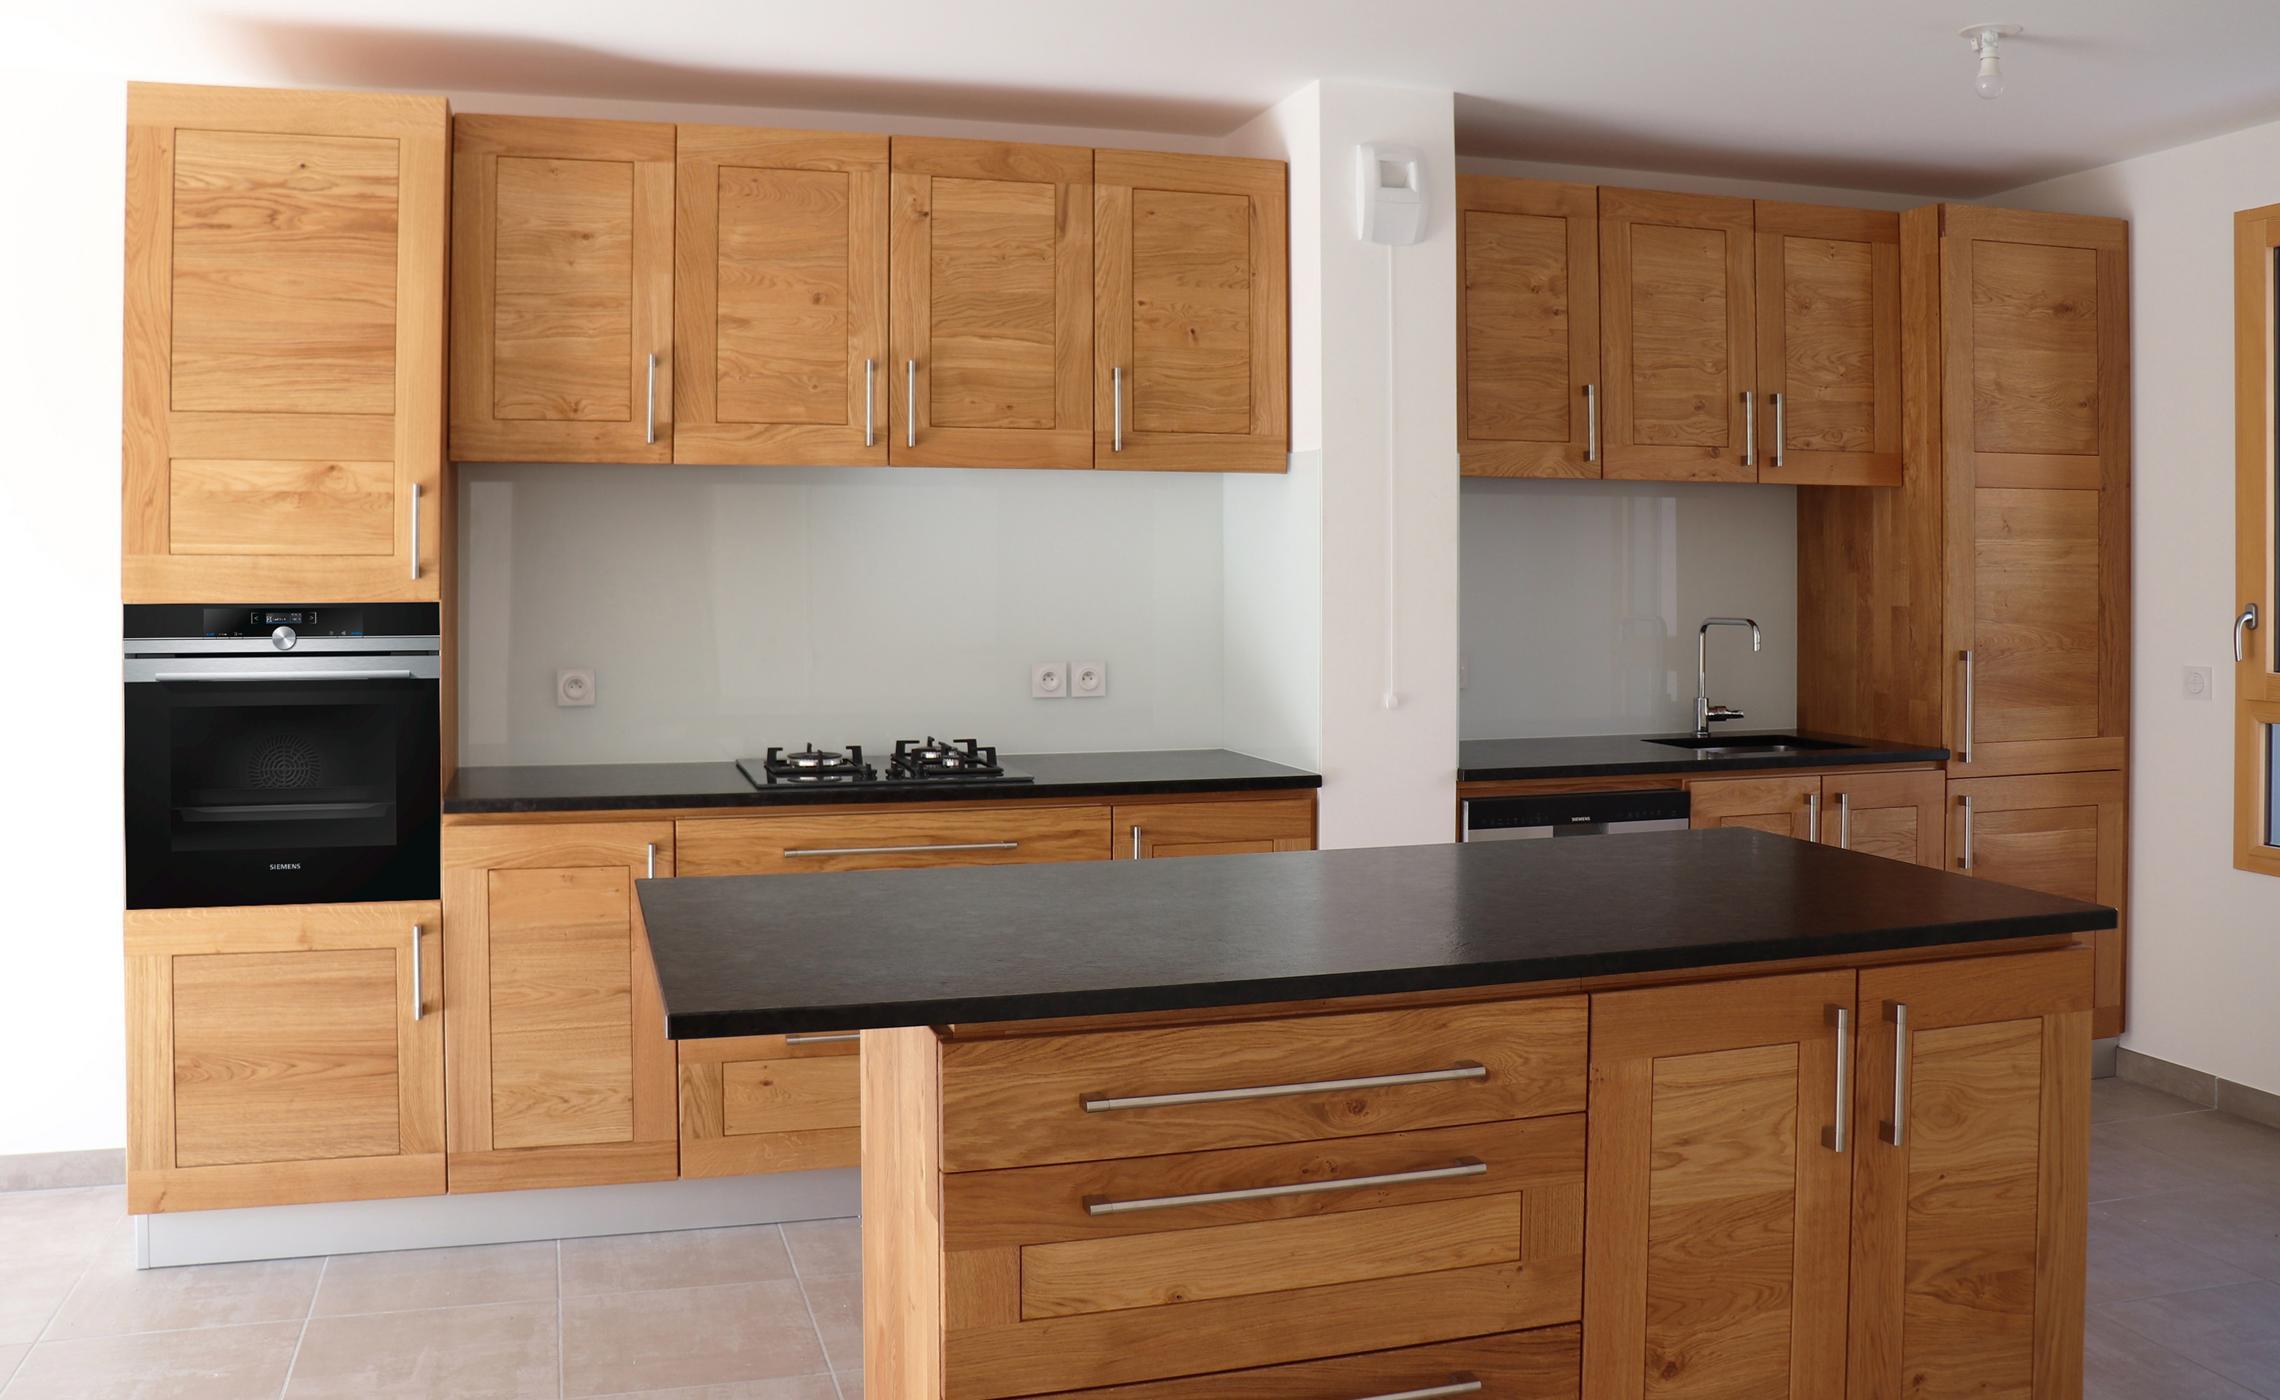 Plan De Travail Granit Loire cuisine sur mesure en chêne sur mesure - delorme meubles